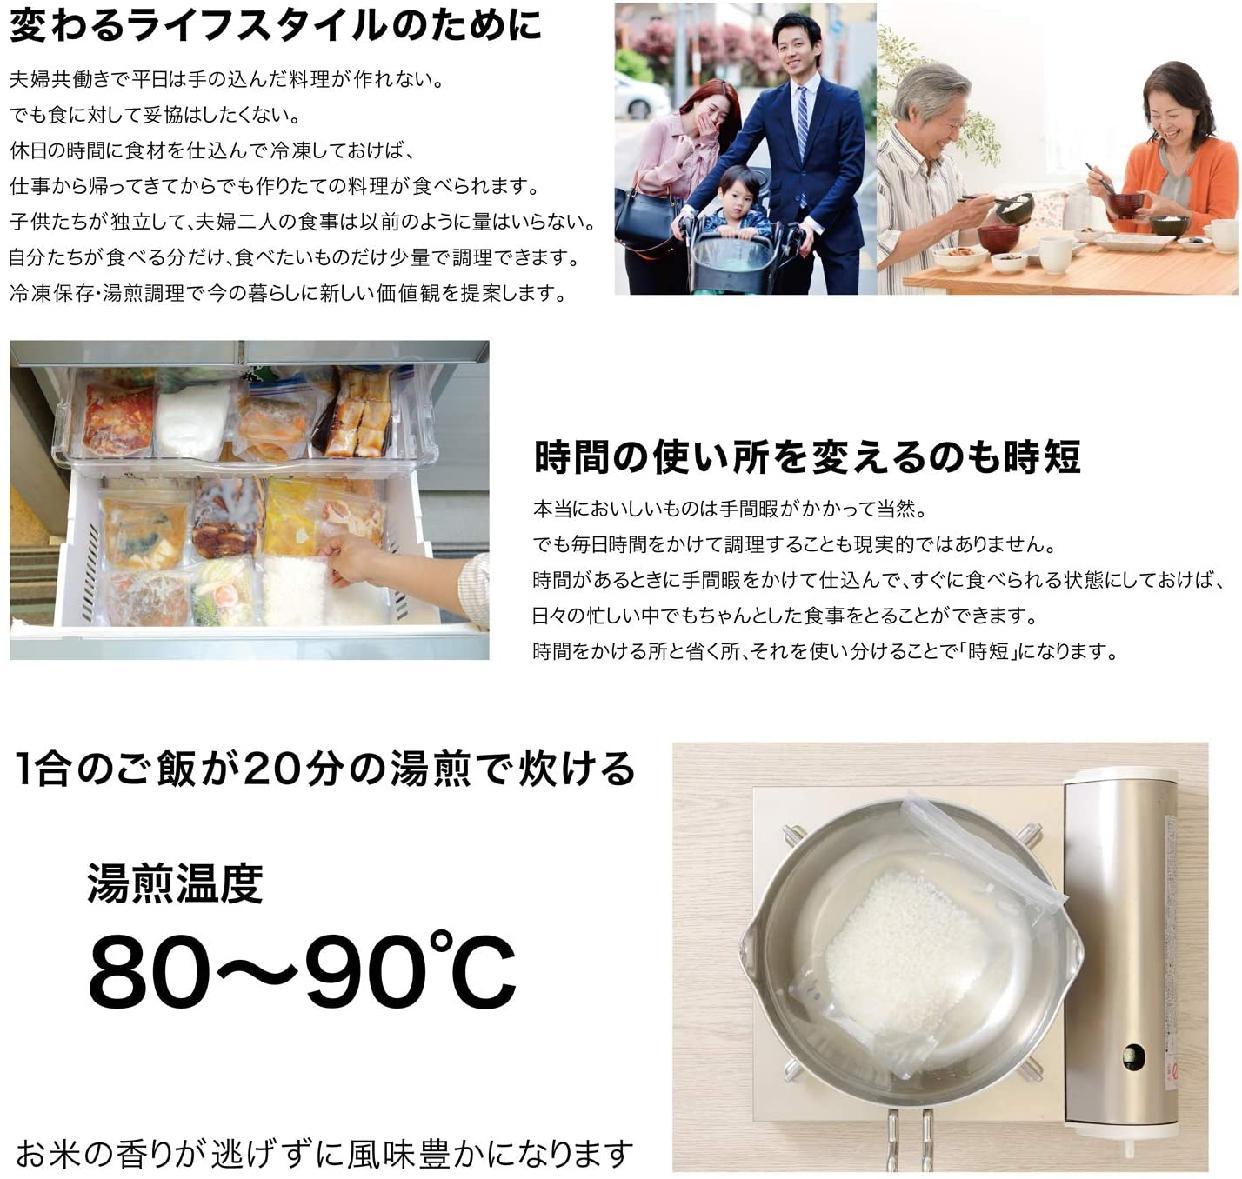 ビストロ先生 湯煎で調理する袋 M K69800の商品画像6